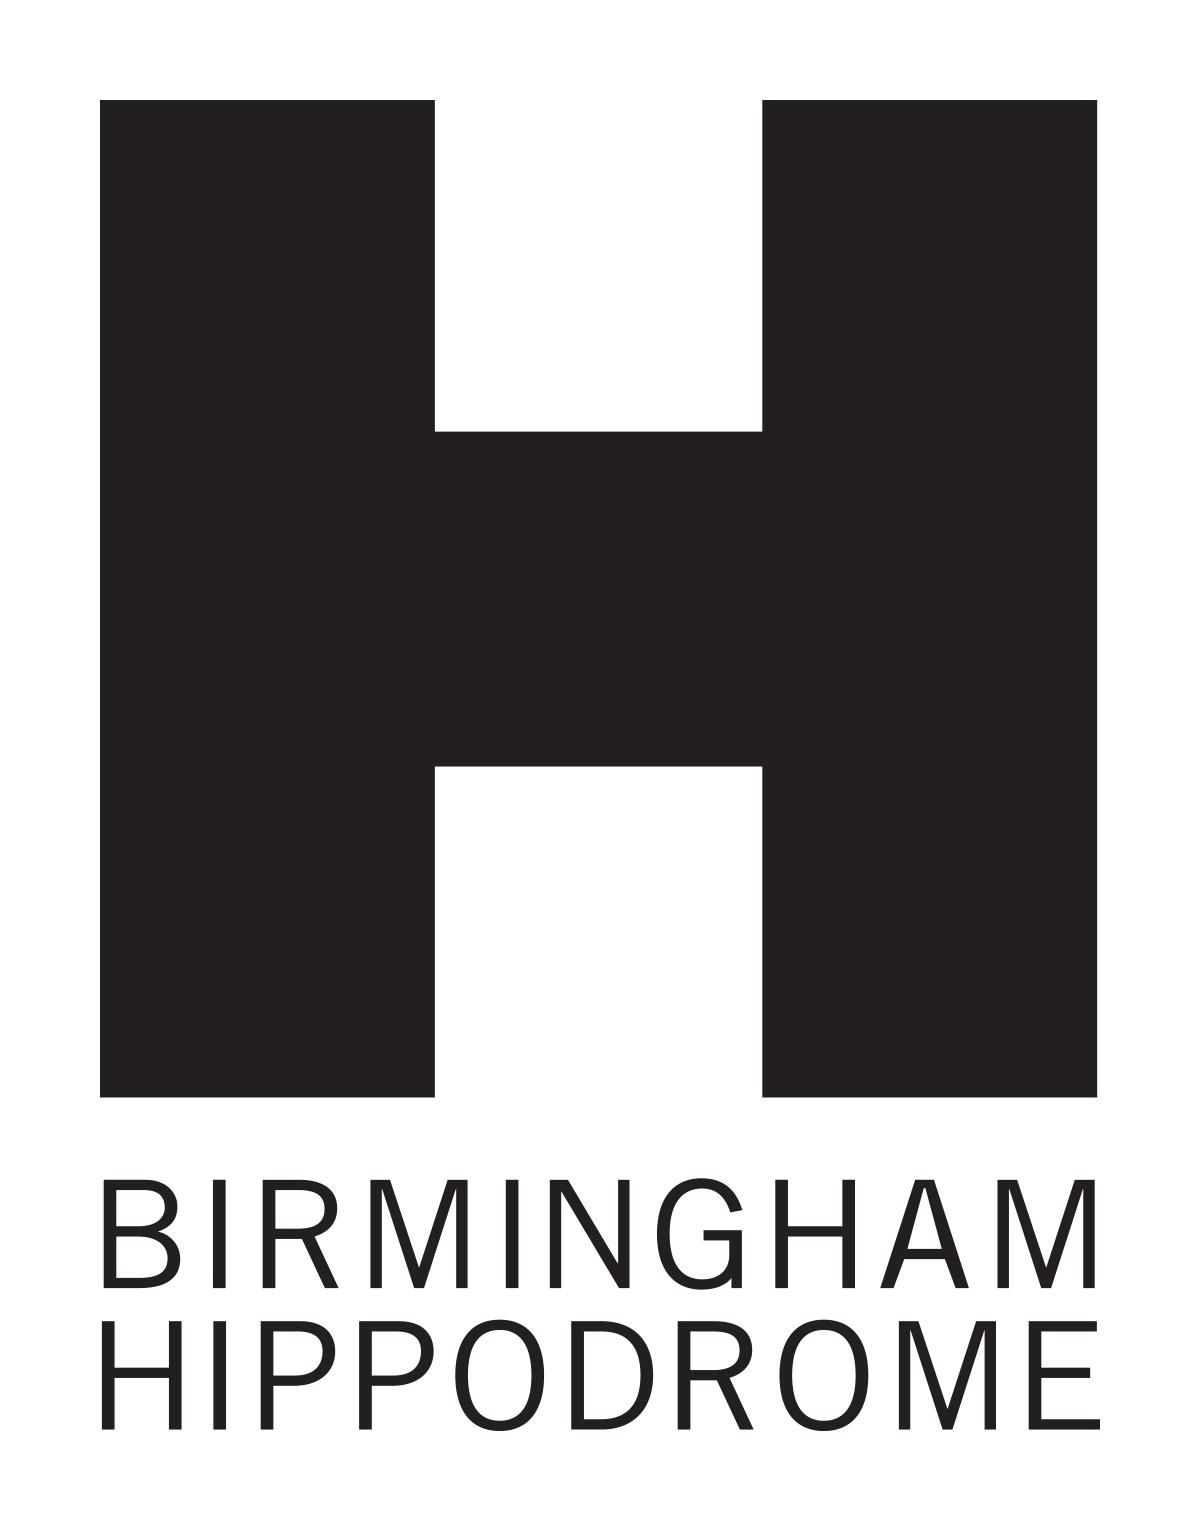 Bham Hippodrome logo_BLACK.jpg